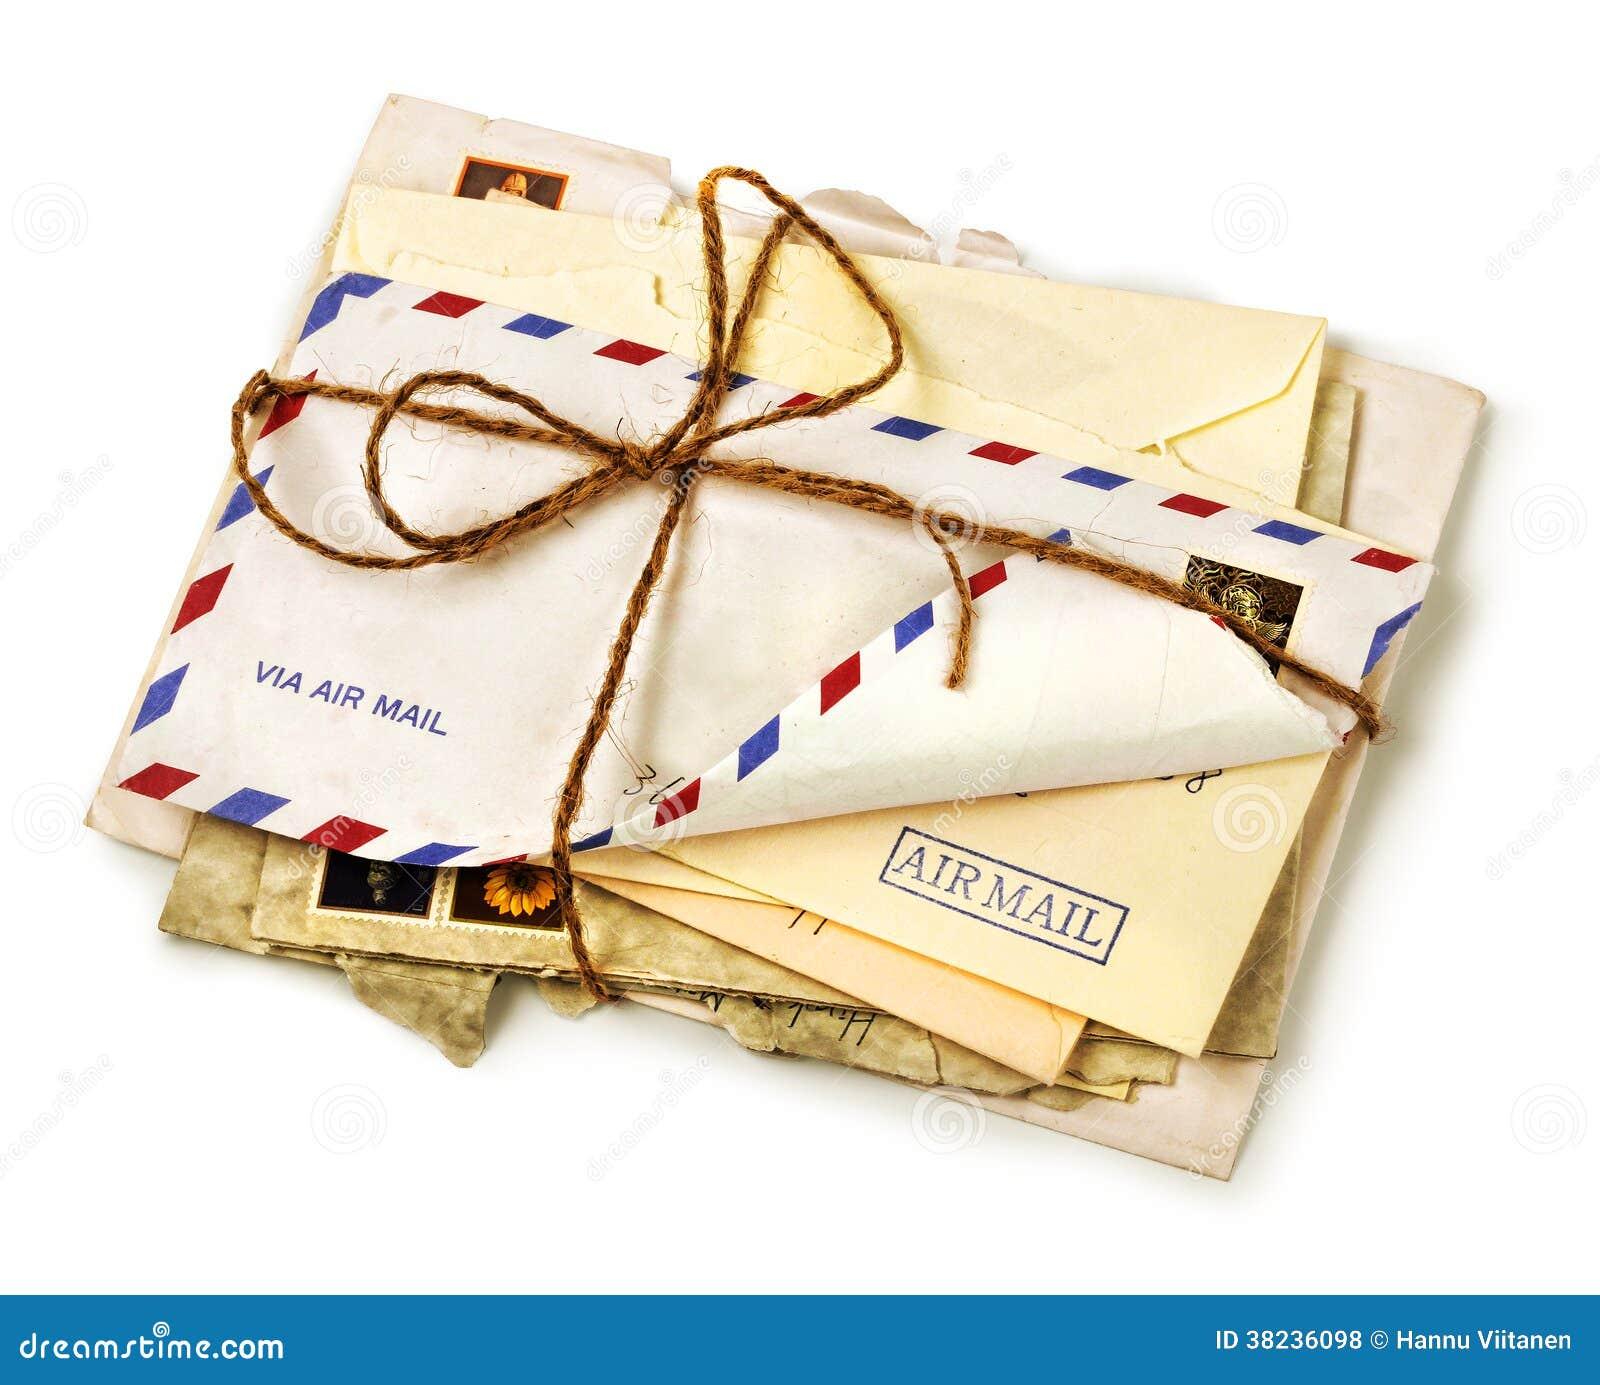 Stapel von alten Luftpostbriefen